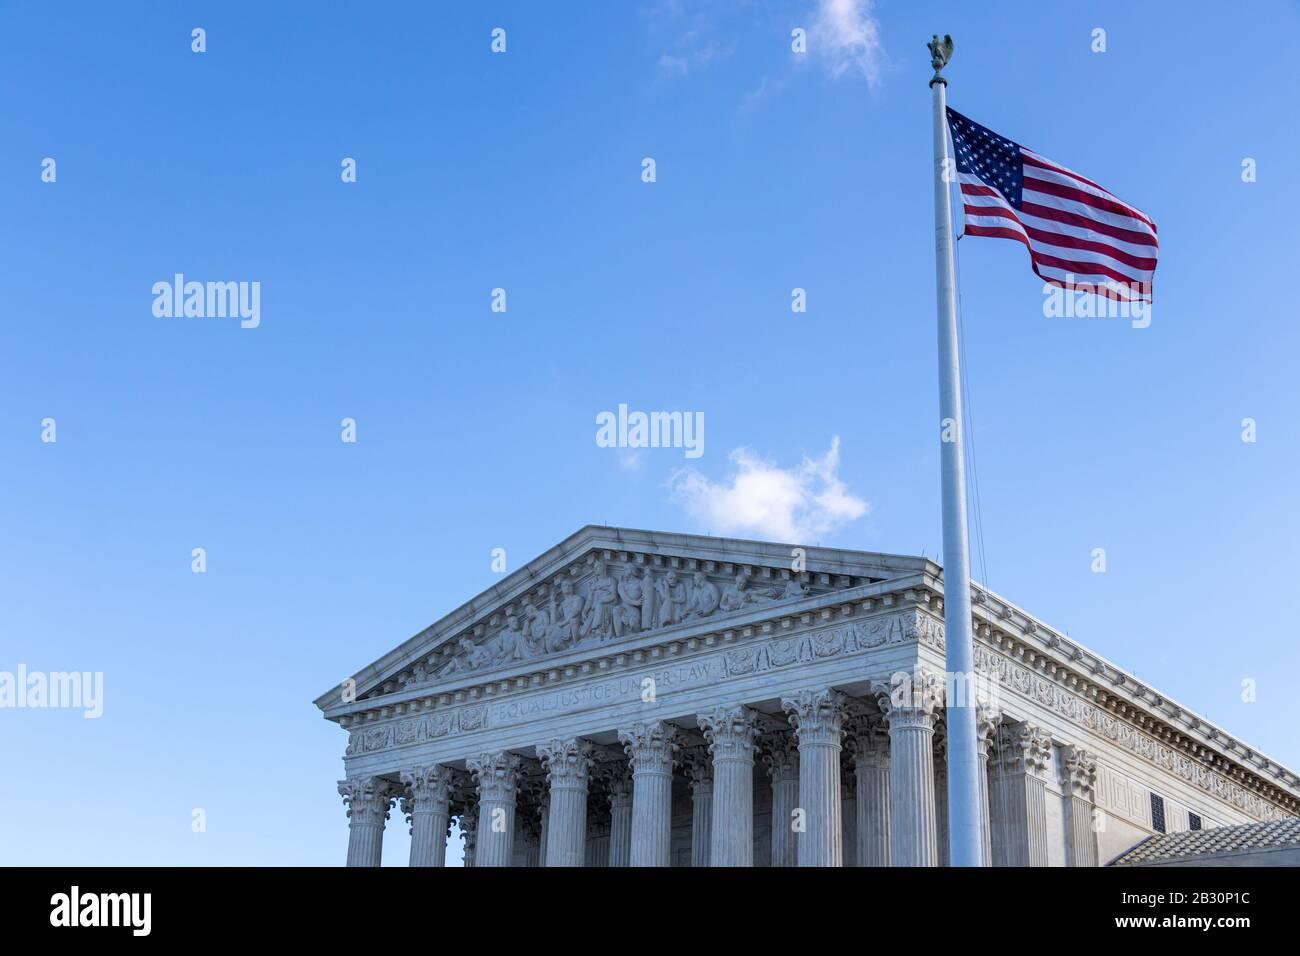 Le drapeau américain qui agonait devant la Cour suprême des États-Unis. Banque D'Images